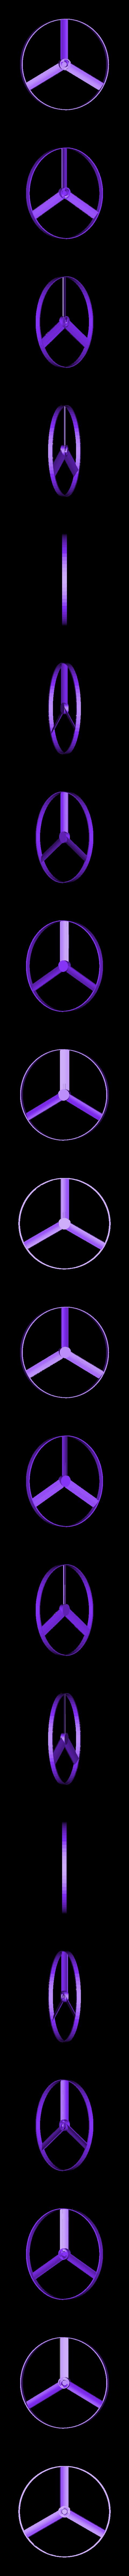 whirligig_thin_quick.stl Télécharger fichier STL gratuit Whirligig Flying Spinner - Mouches 10 m (30 ft) • Plan à imprimer en 3D, FunnyJohnnyPrinter